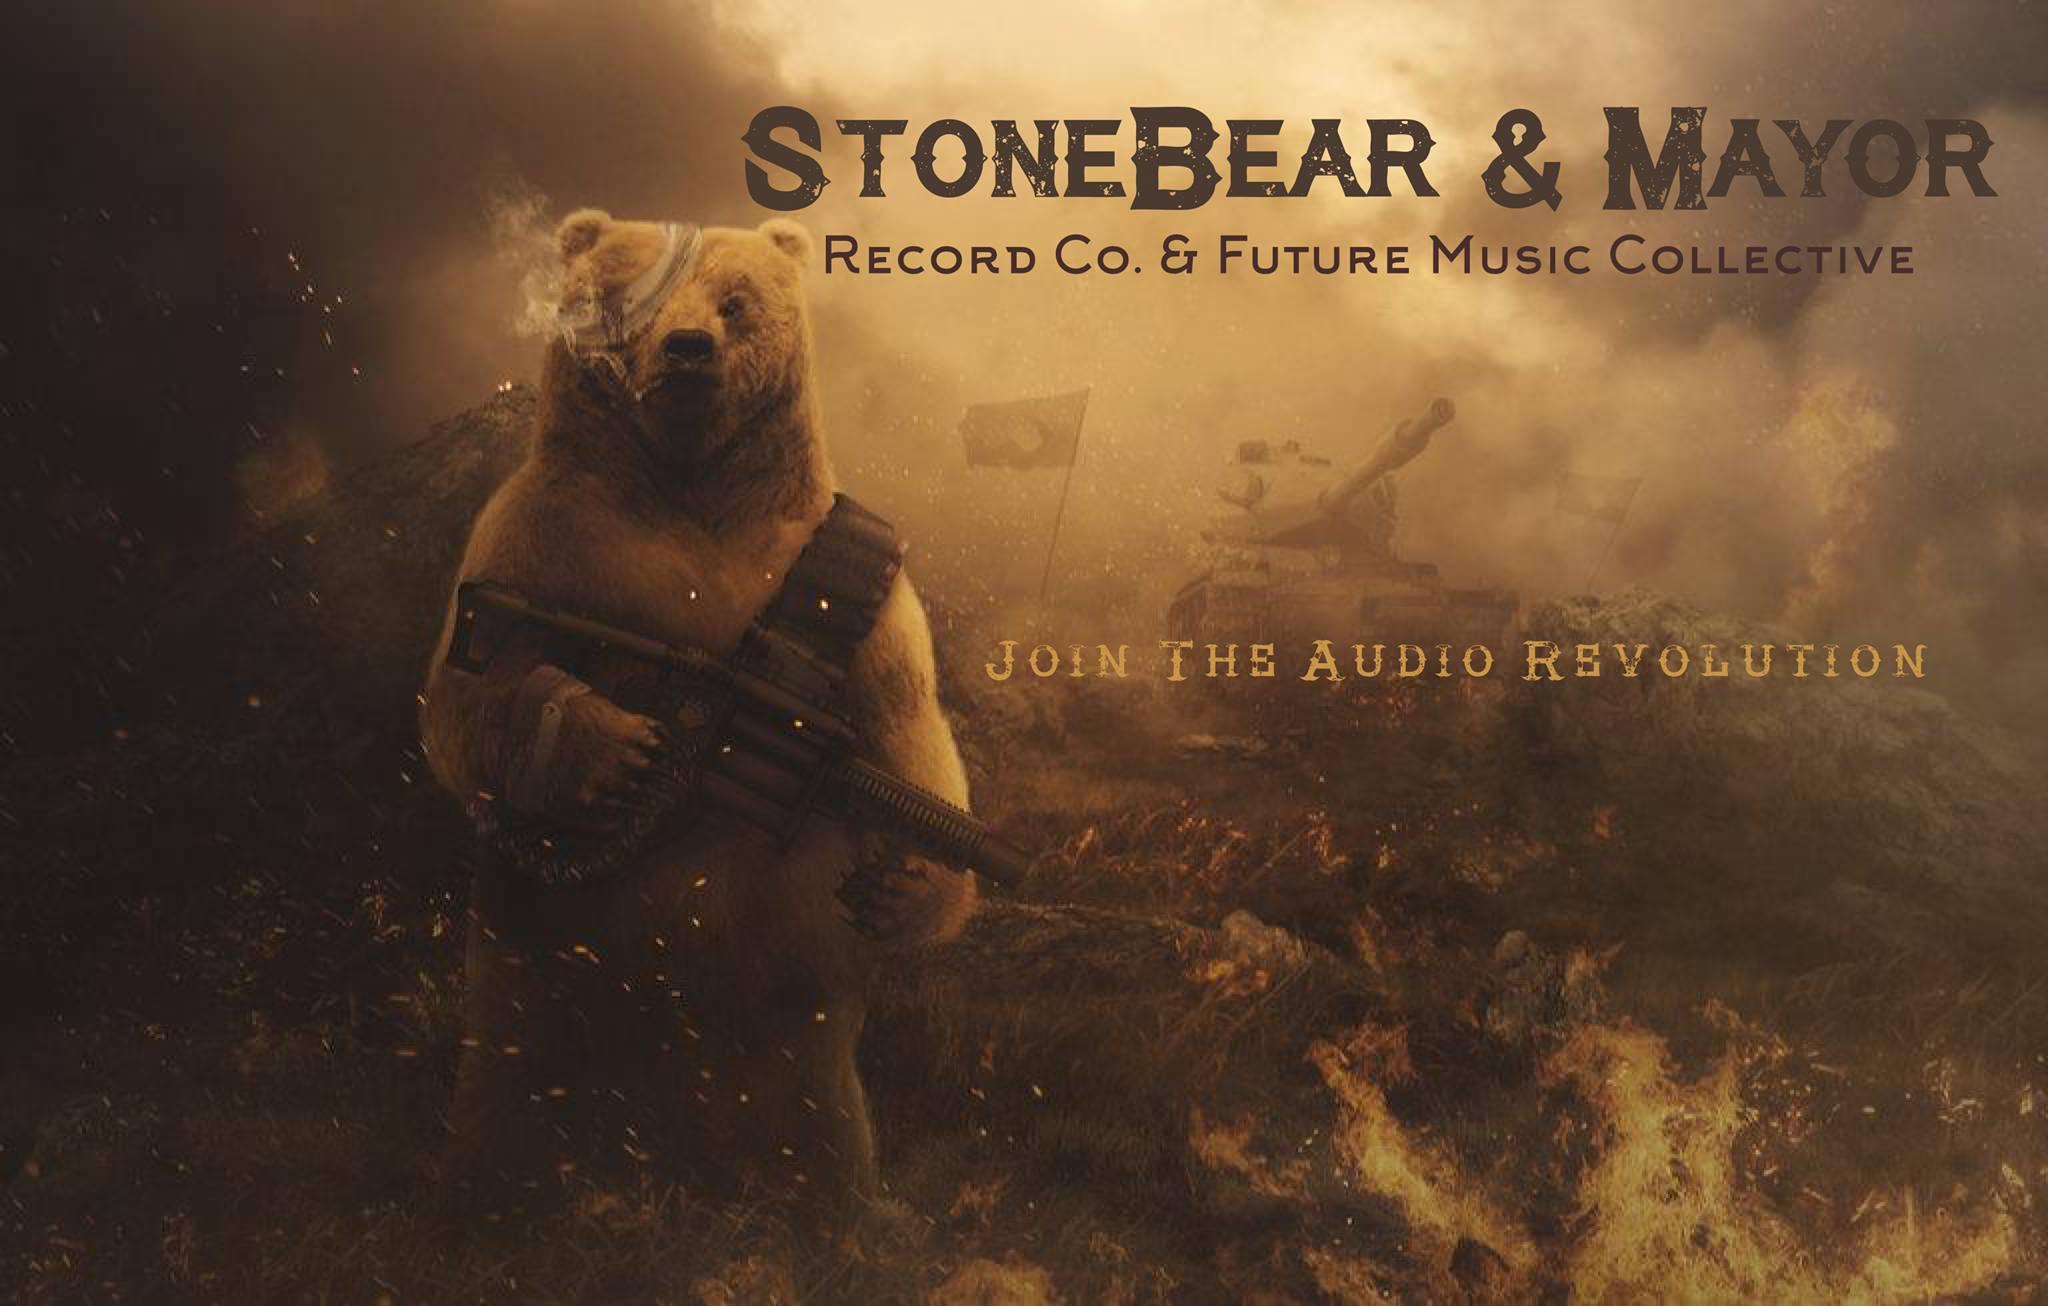 StoneBear & Mayor